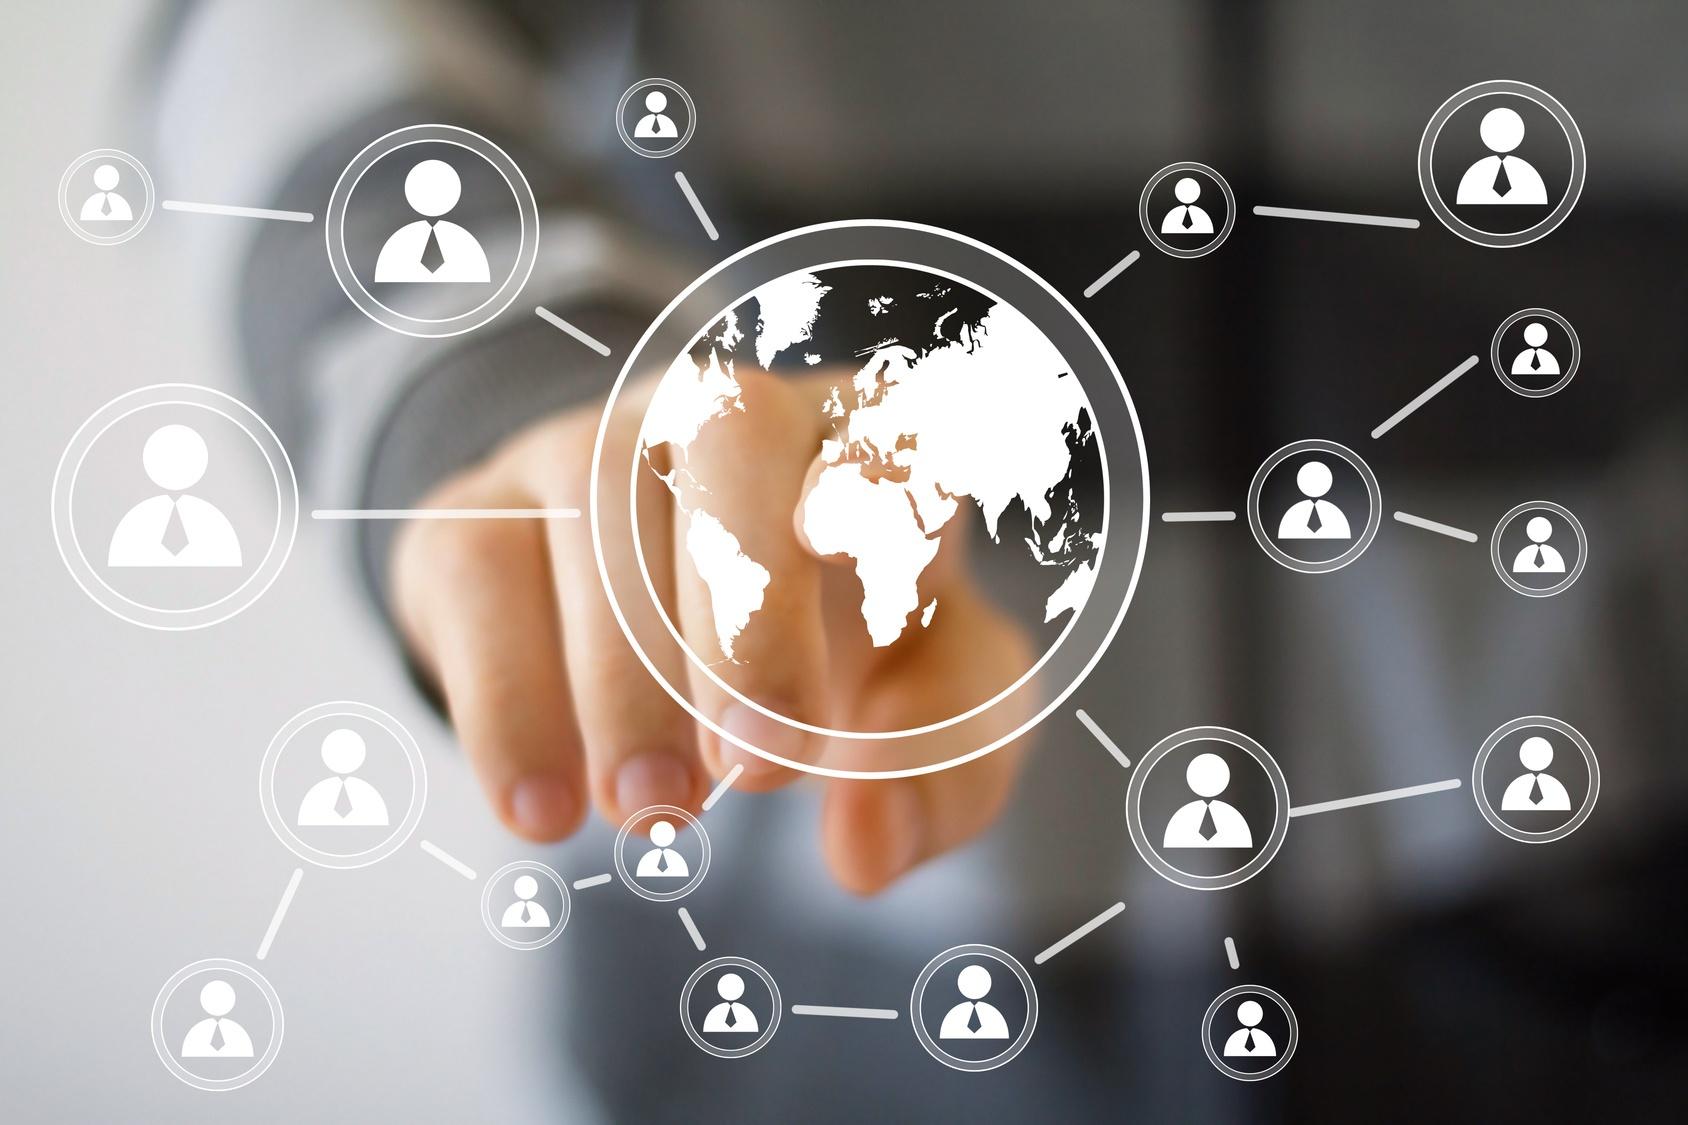 Mô hình quản lý nhân sự nào phổ biến hiện nay? - Phần mềm Quản lý Doanh  nghiệp & Cộng tác trực tuyến thời gian thực mọi lúc, mọi nơi